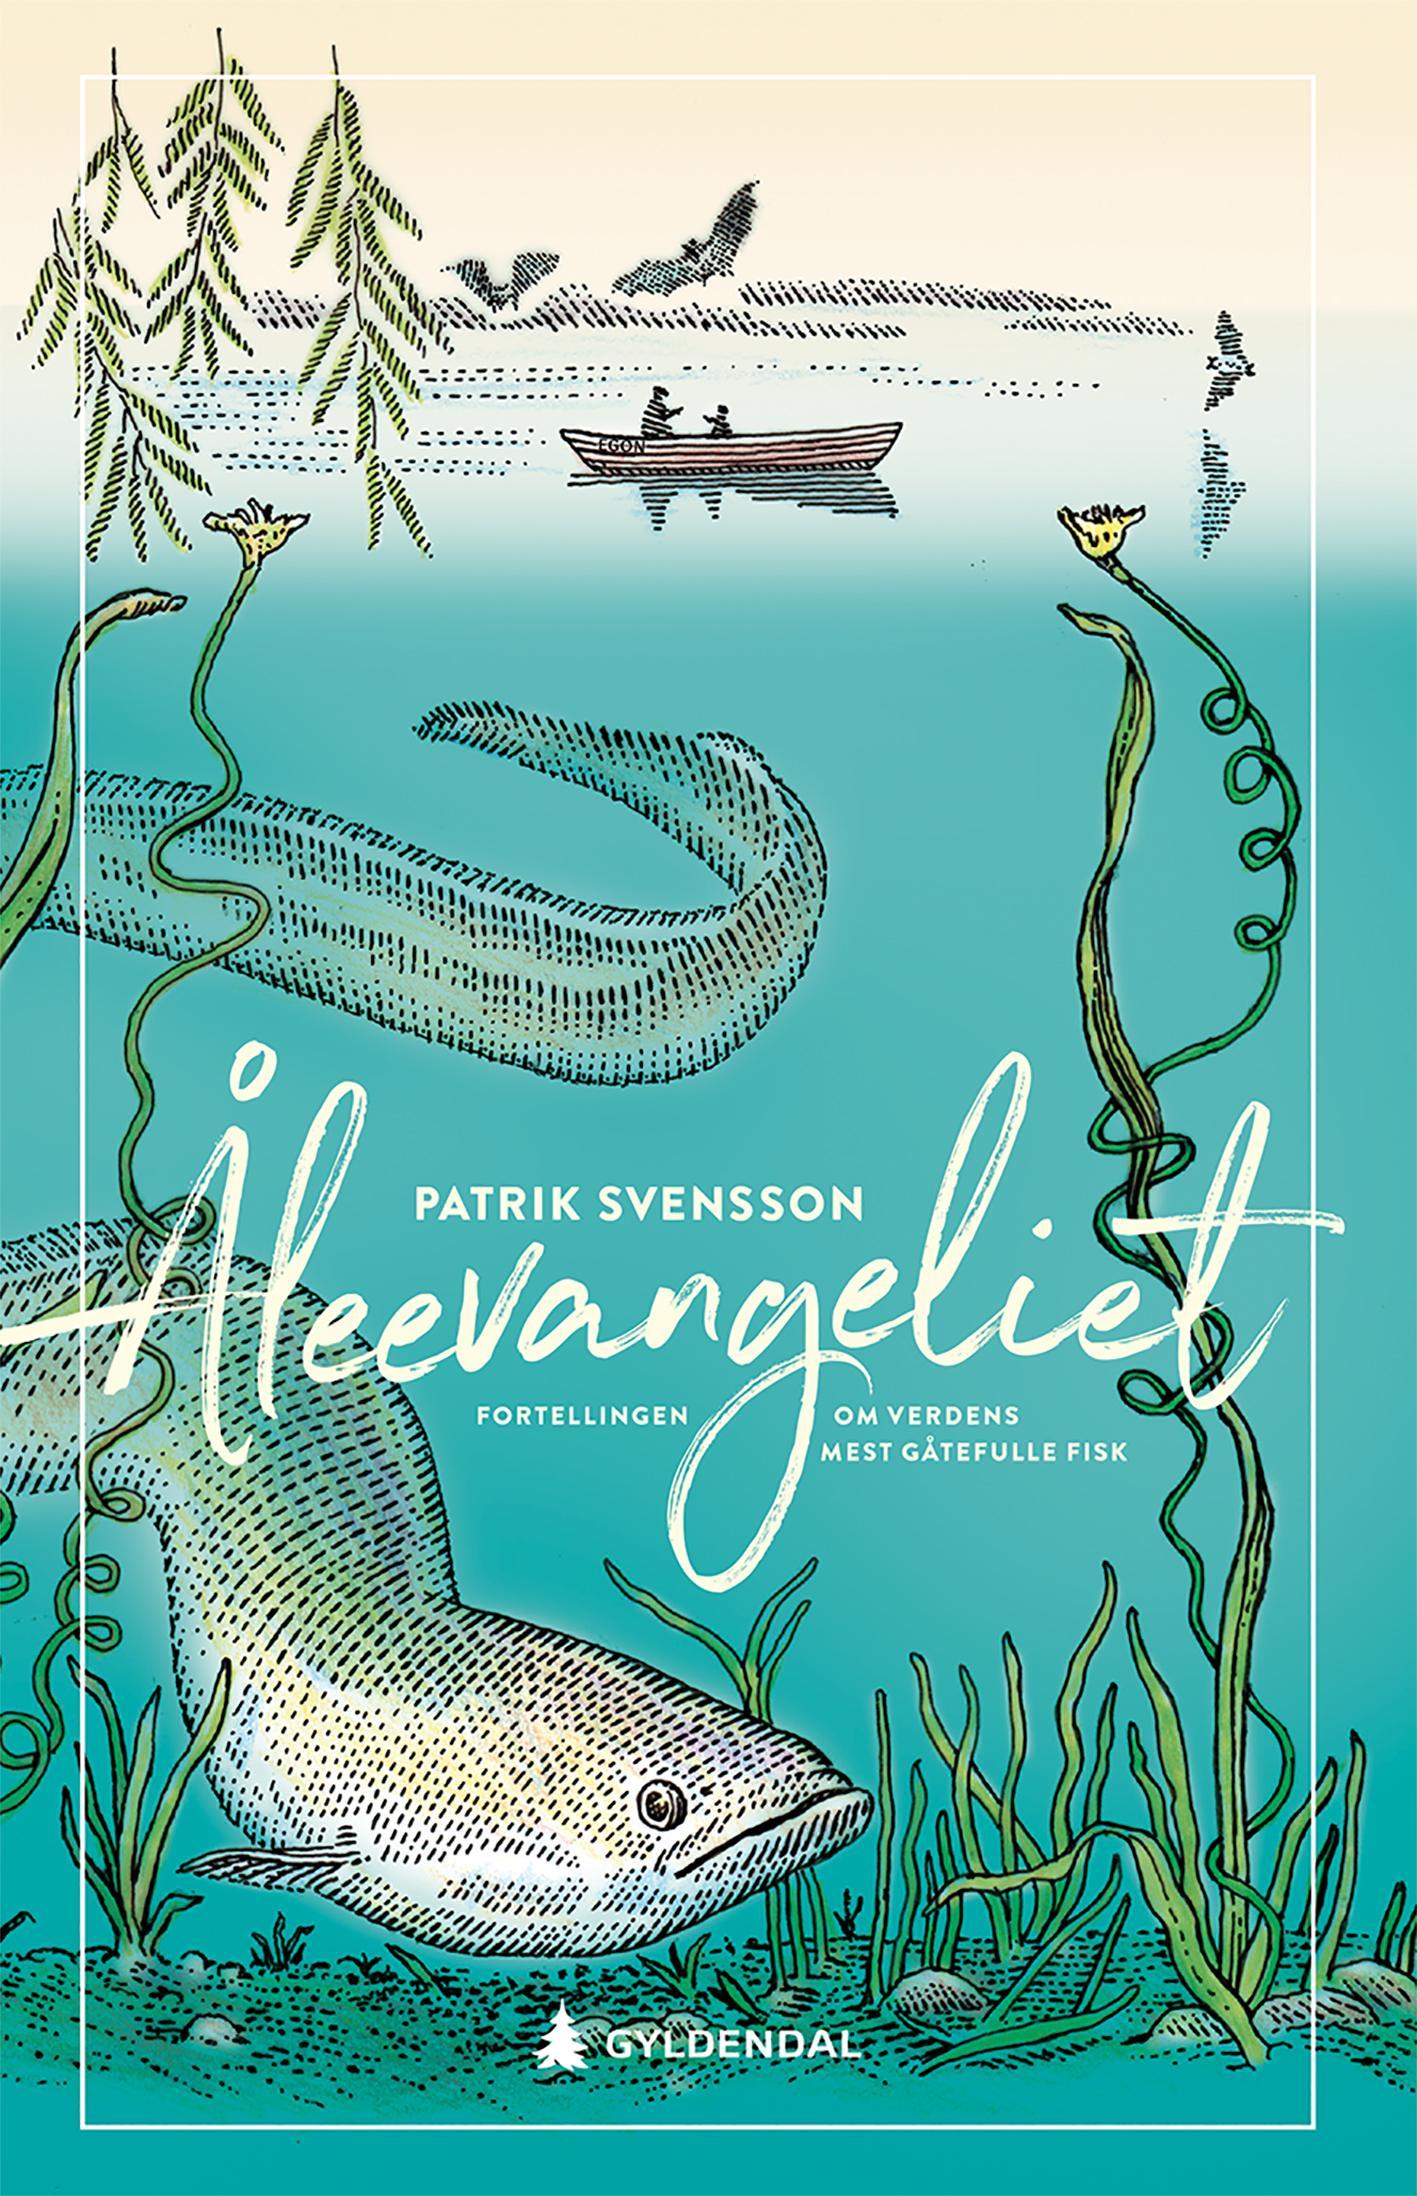 """""""Åleevangeliet - fortellingen om verdens mest gåtefulle fisk"""" av Patrik Svensson"""